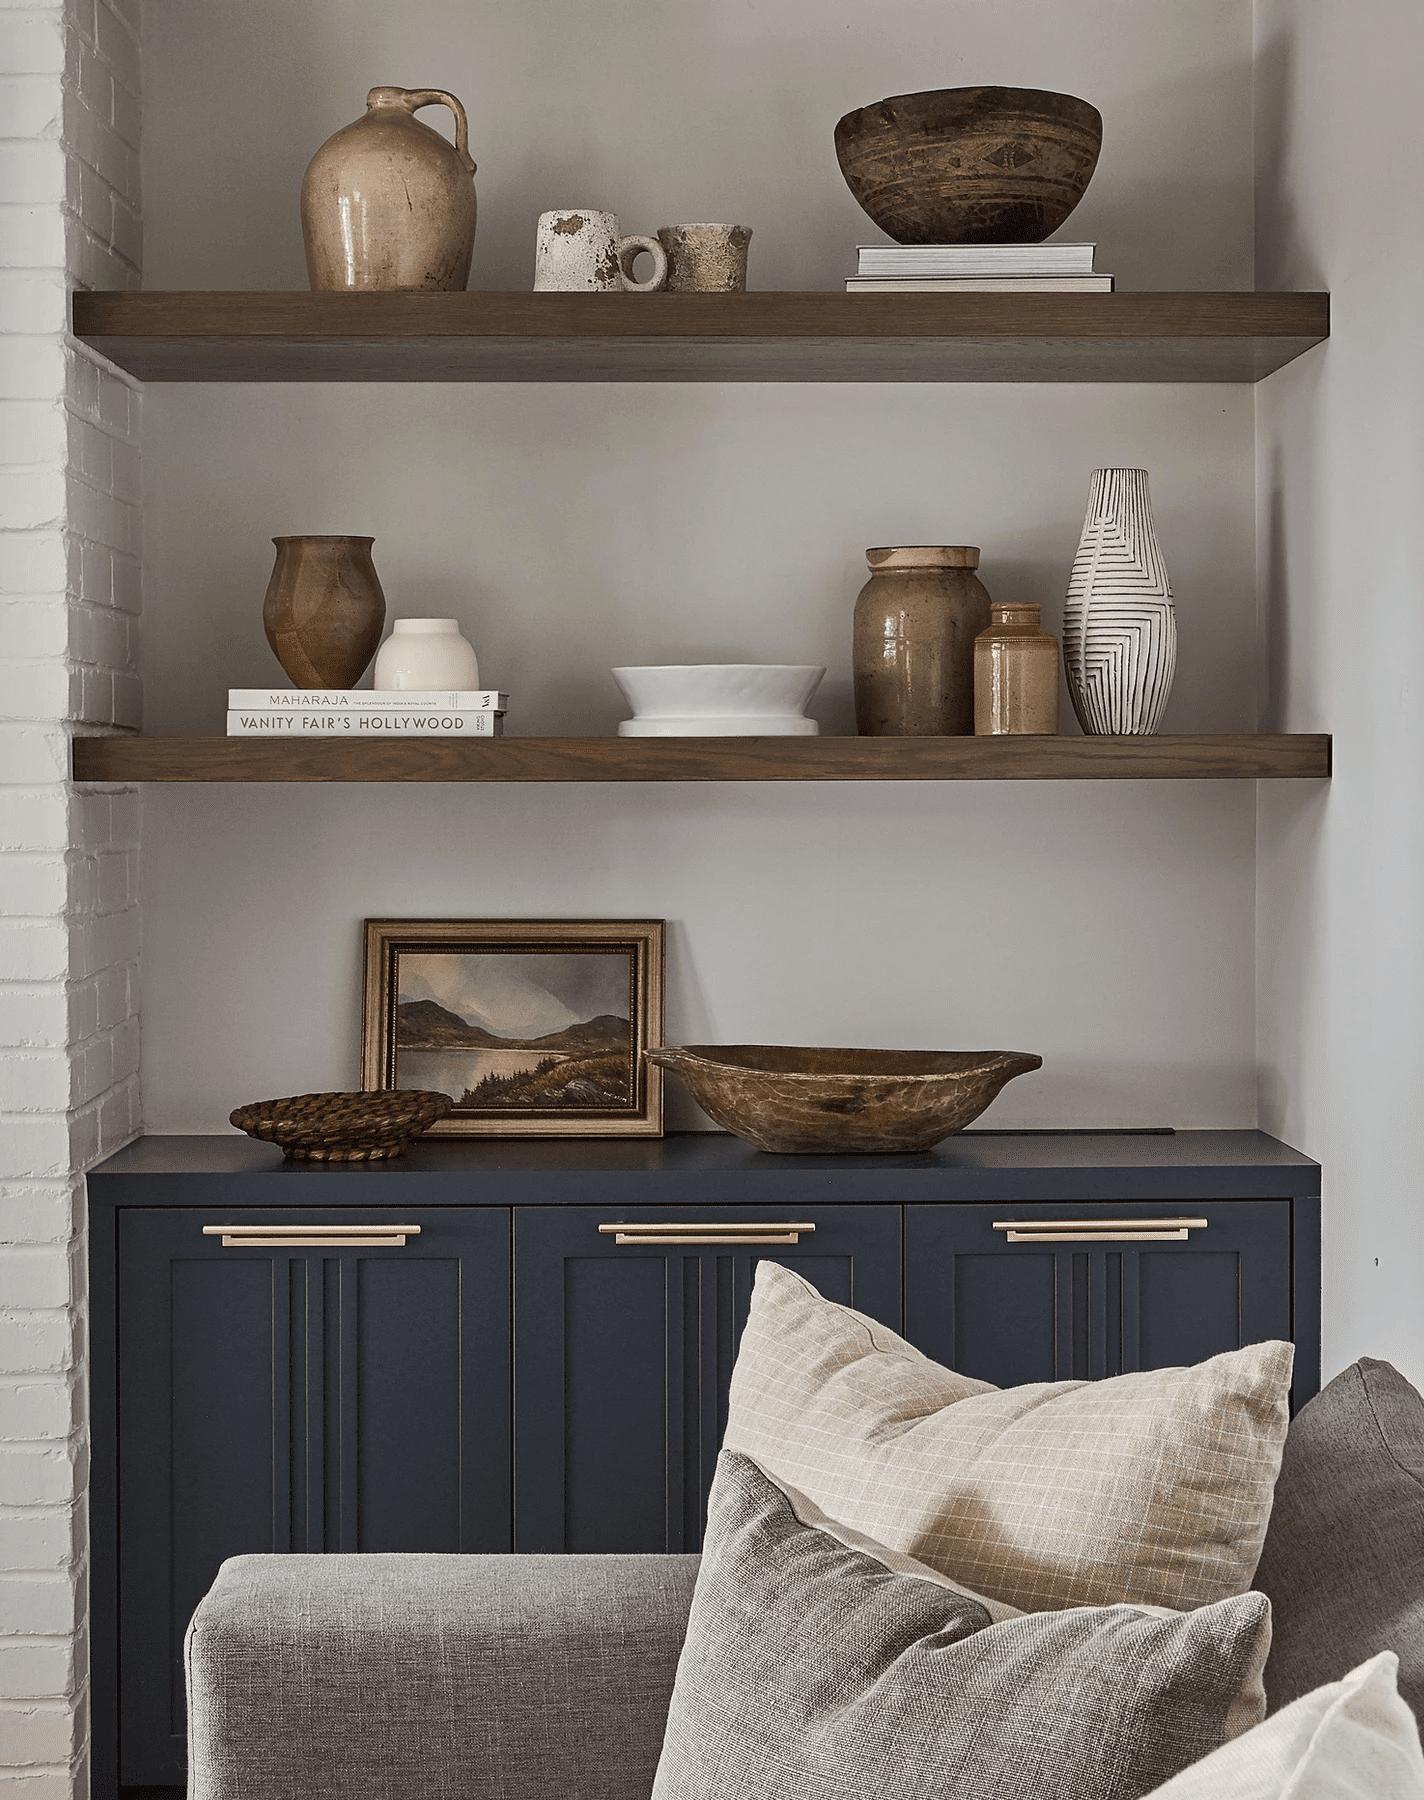 Bookshelves with vintage decor pieces.